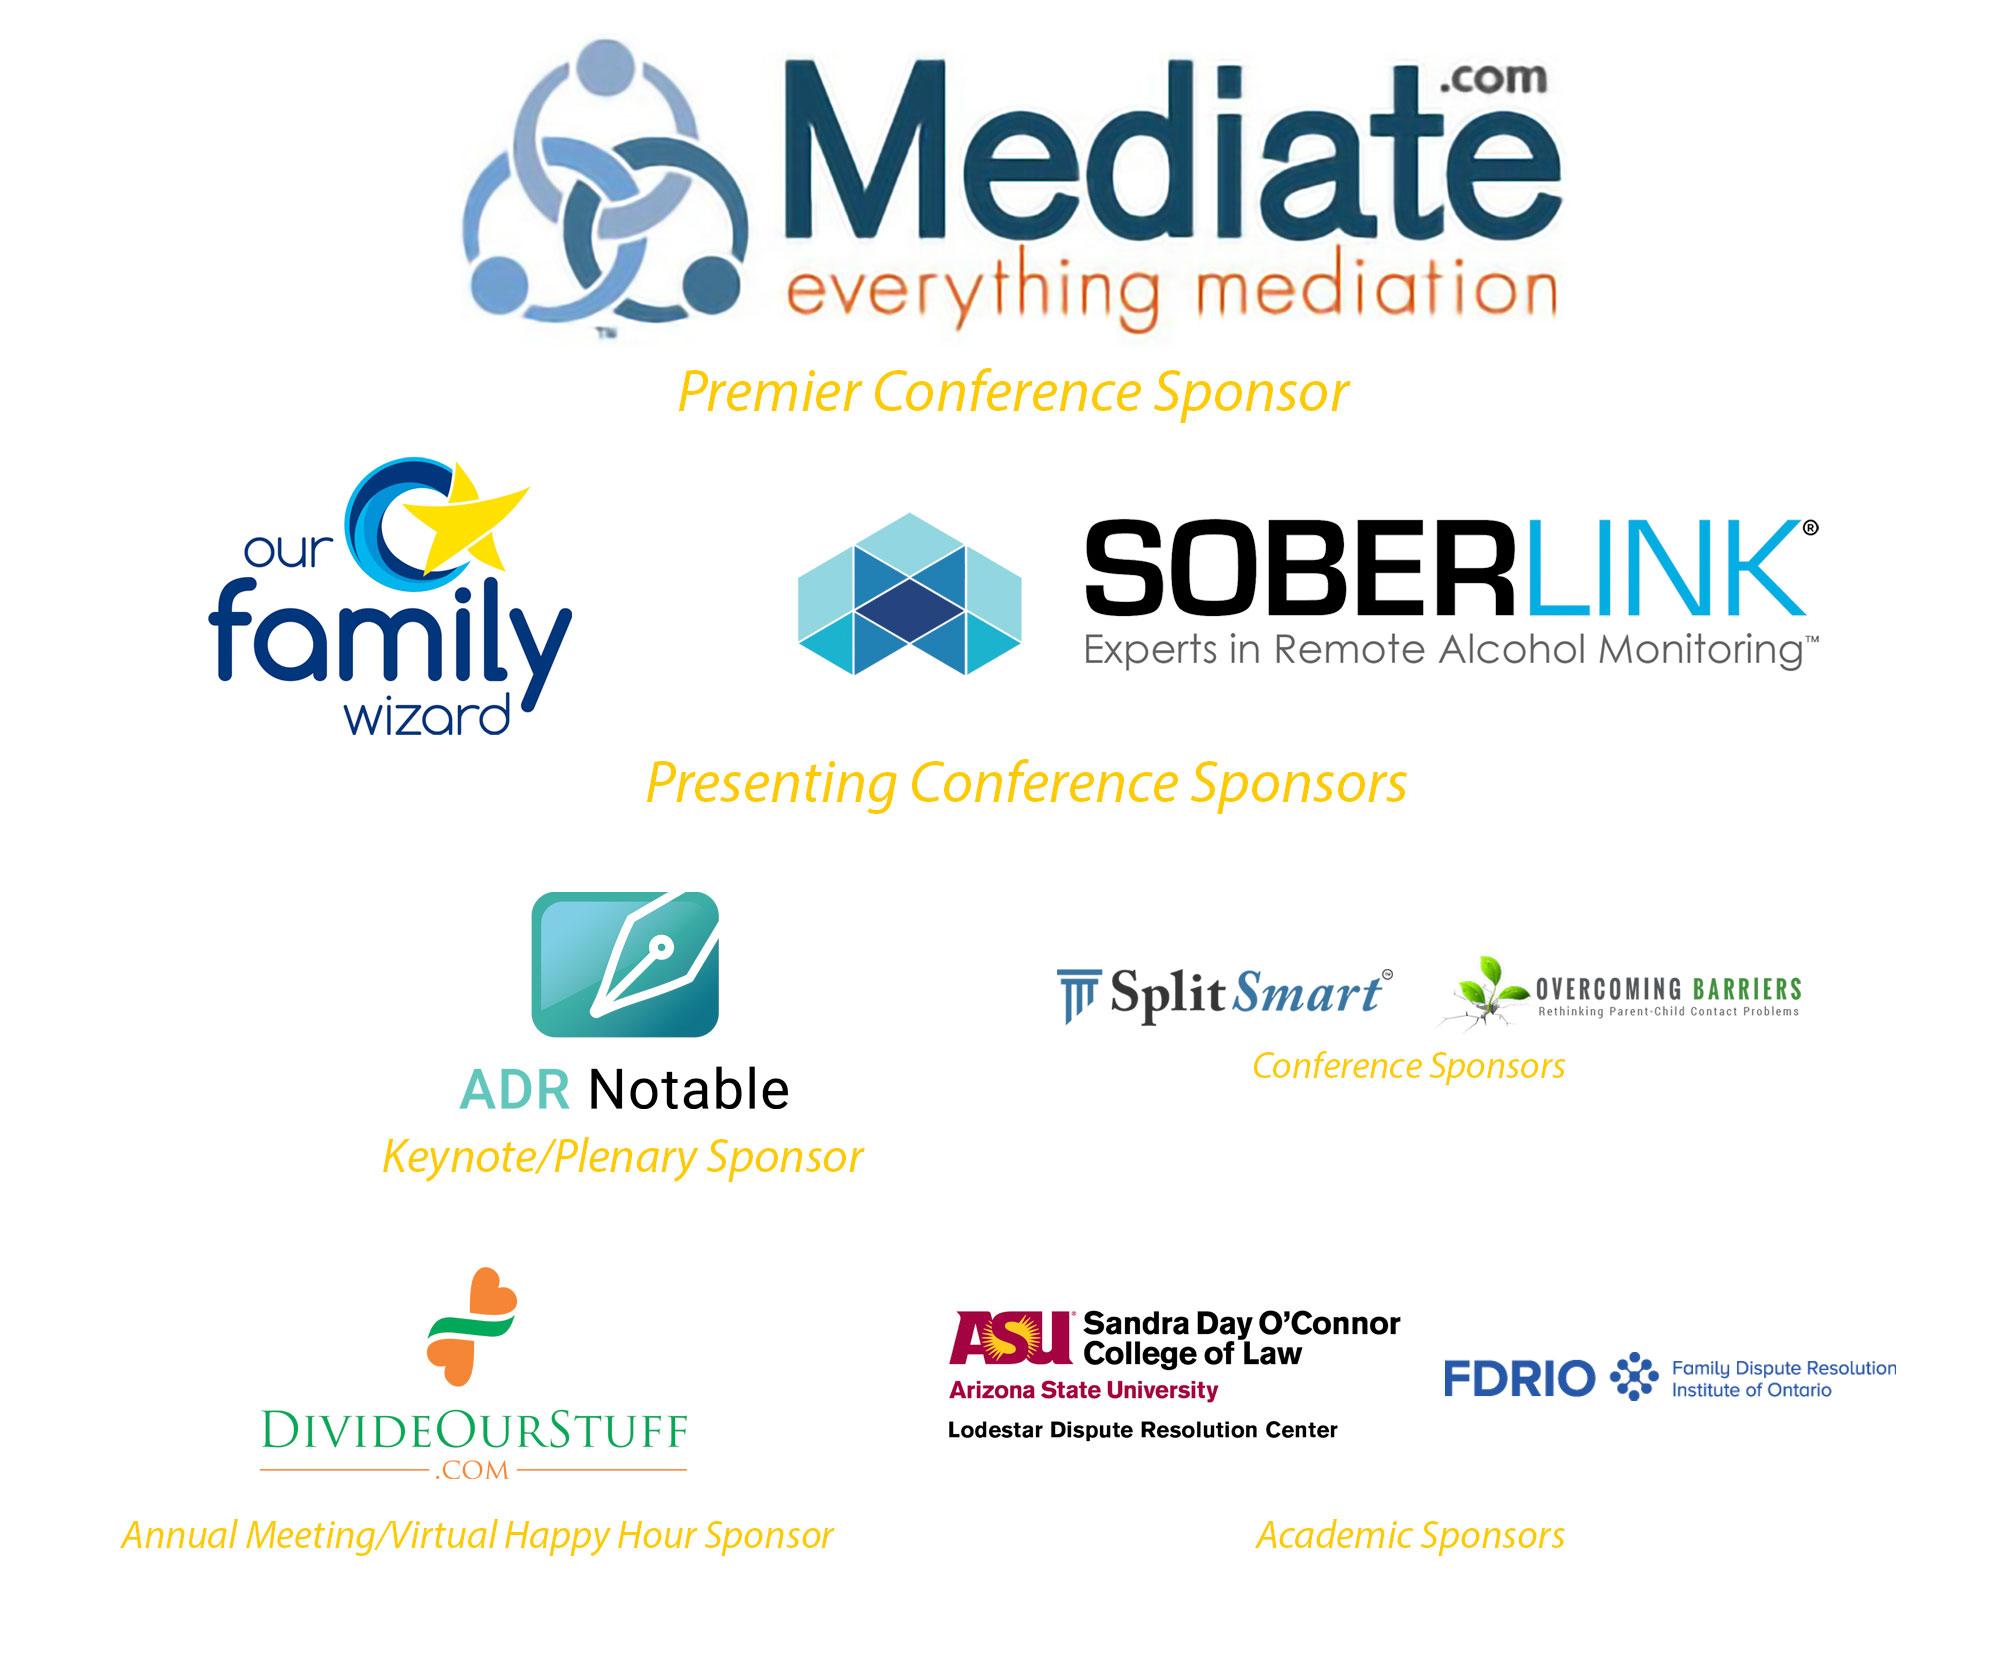 apfm 2020 sponsors